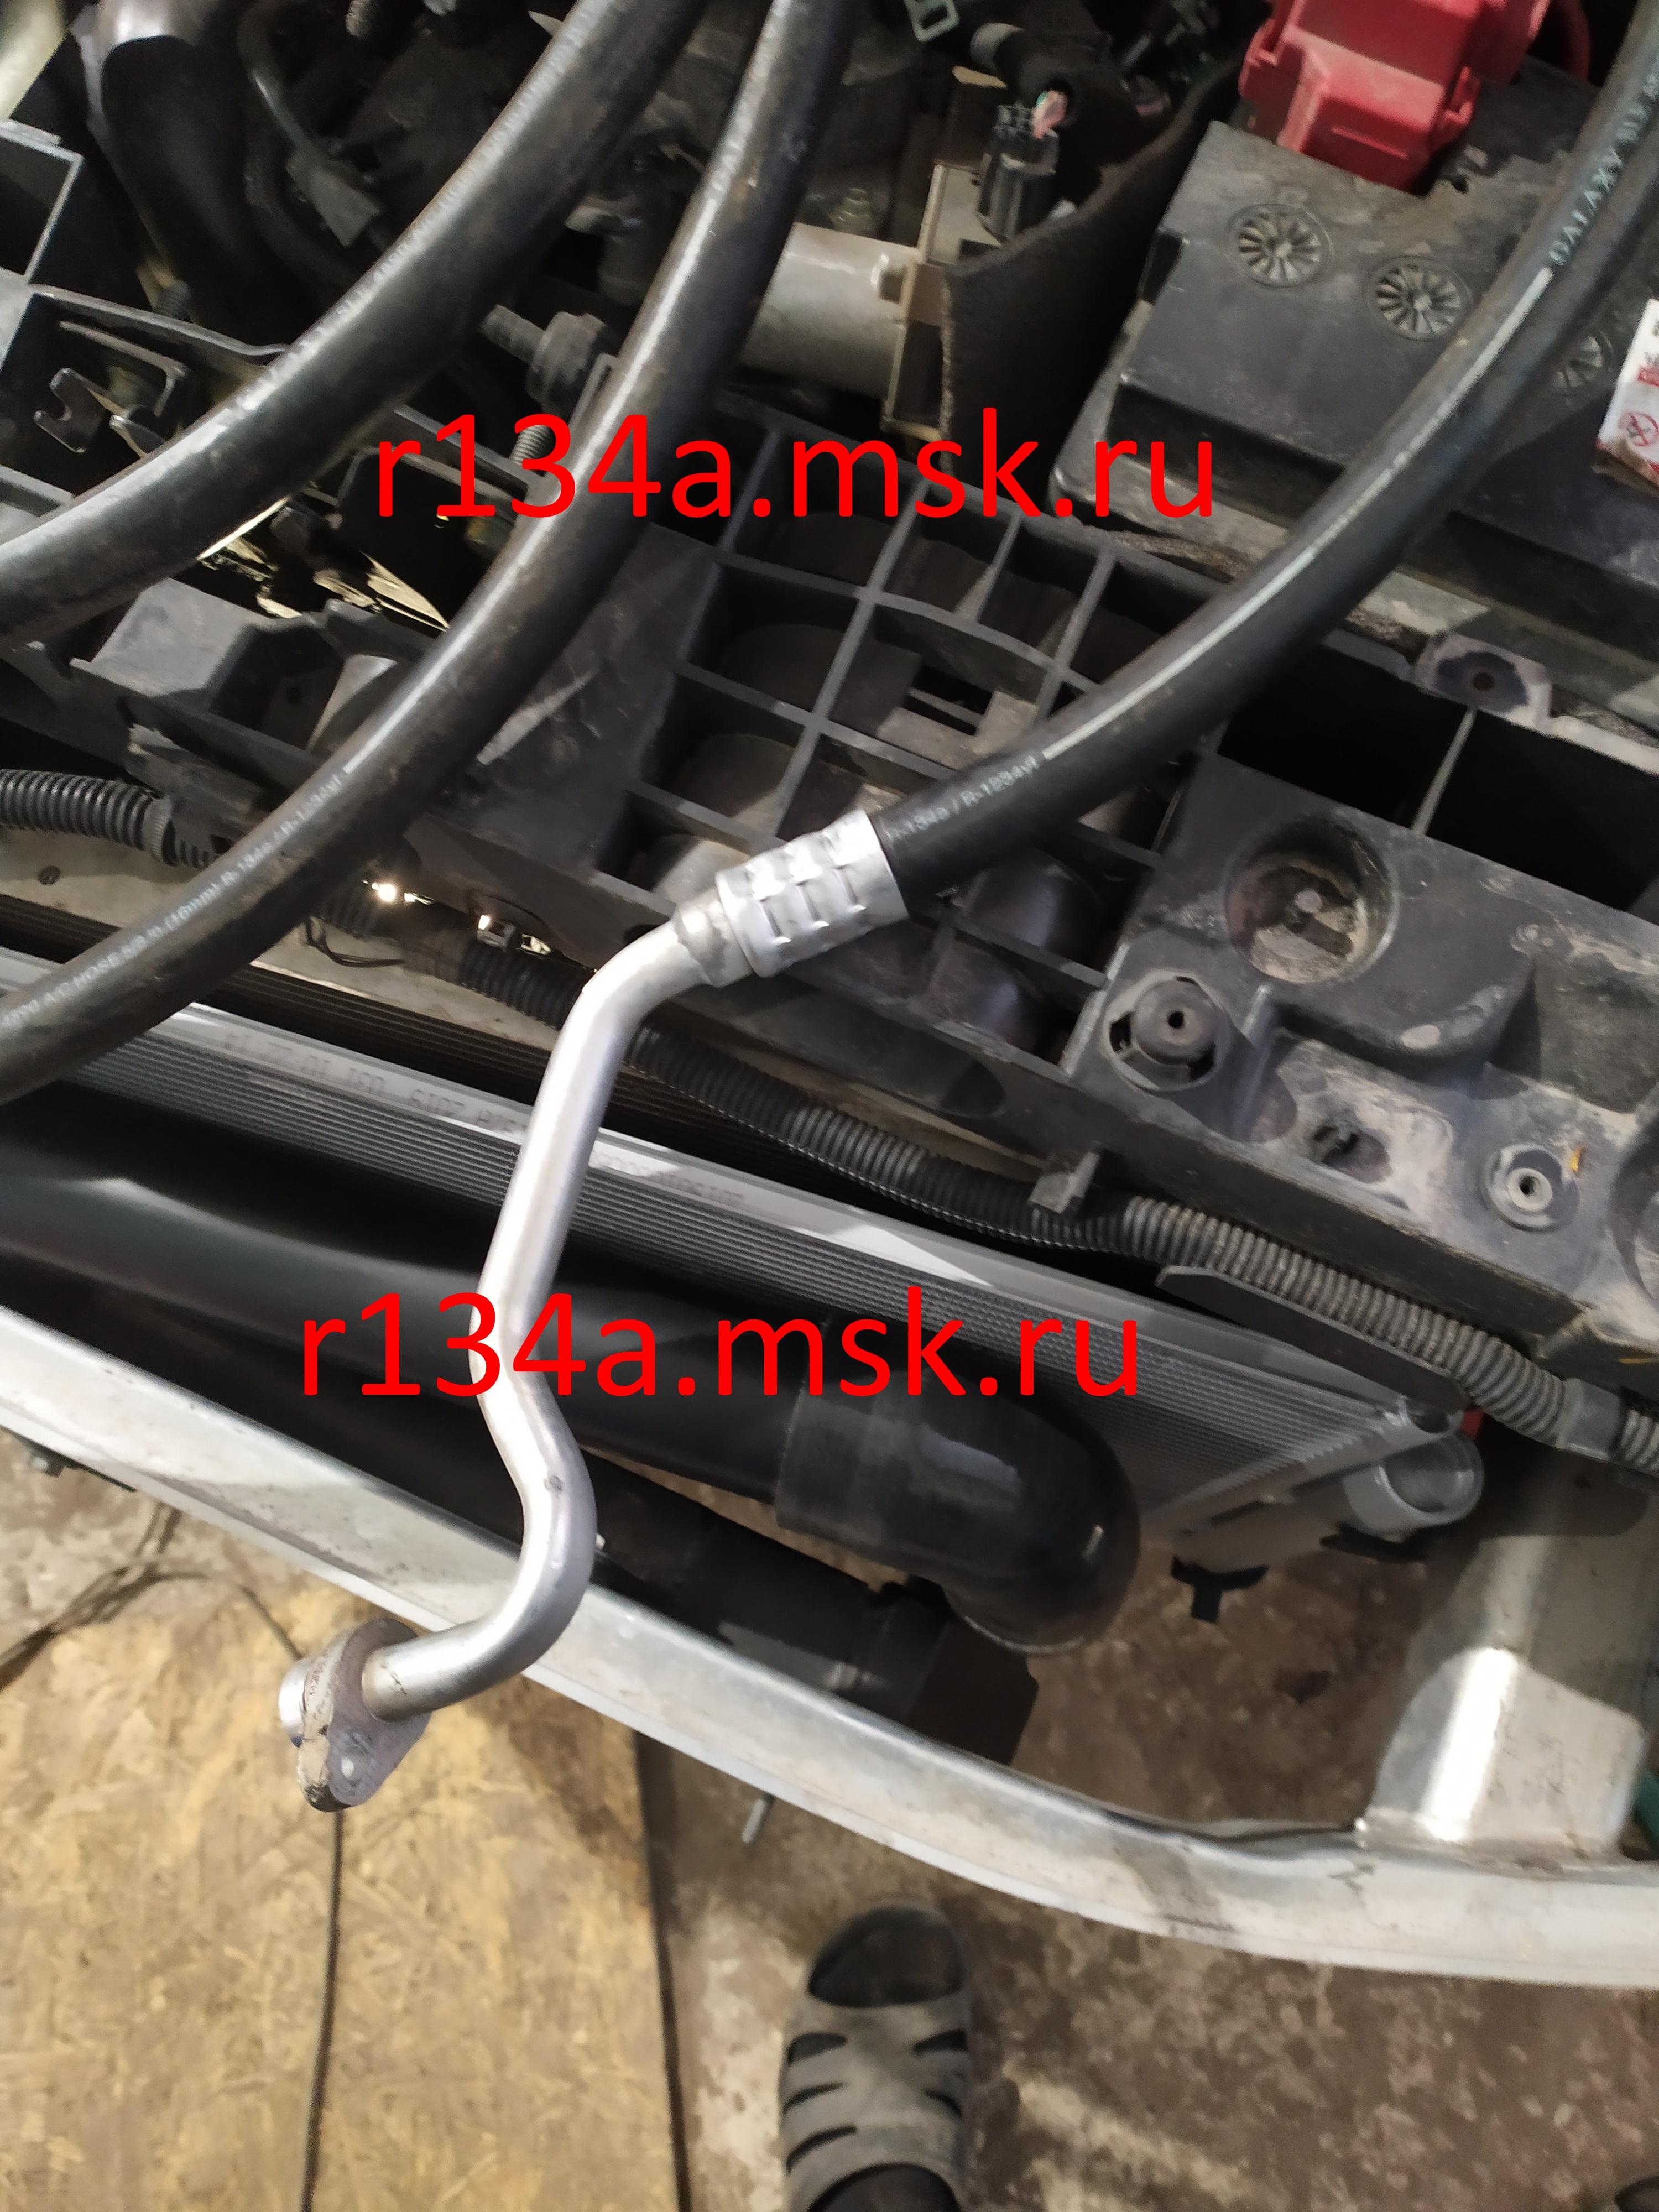 Заправка и ремонт автокондиционера Рено. Ремонт трубок кондиционера RENO - работа май 2019 год.